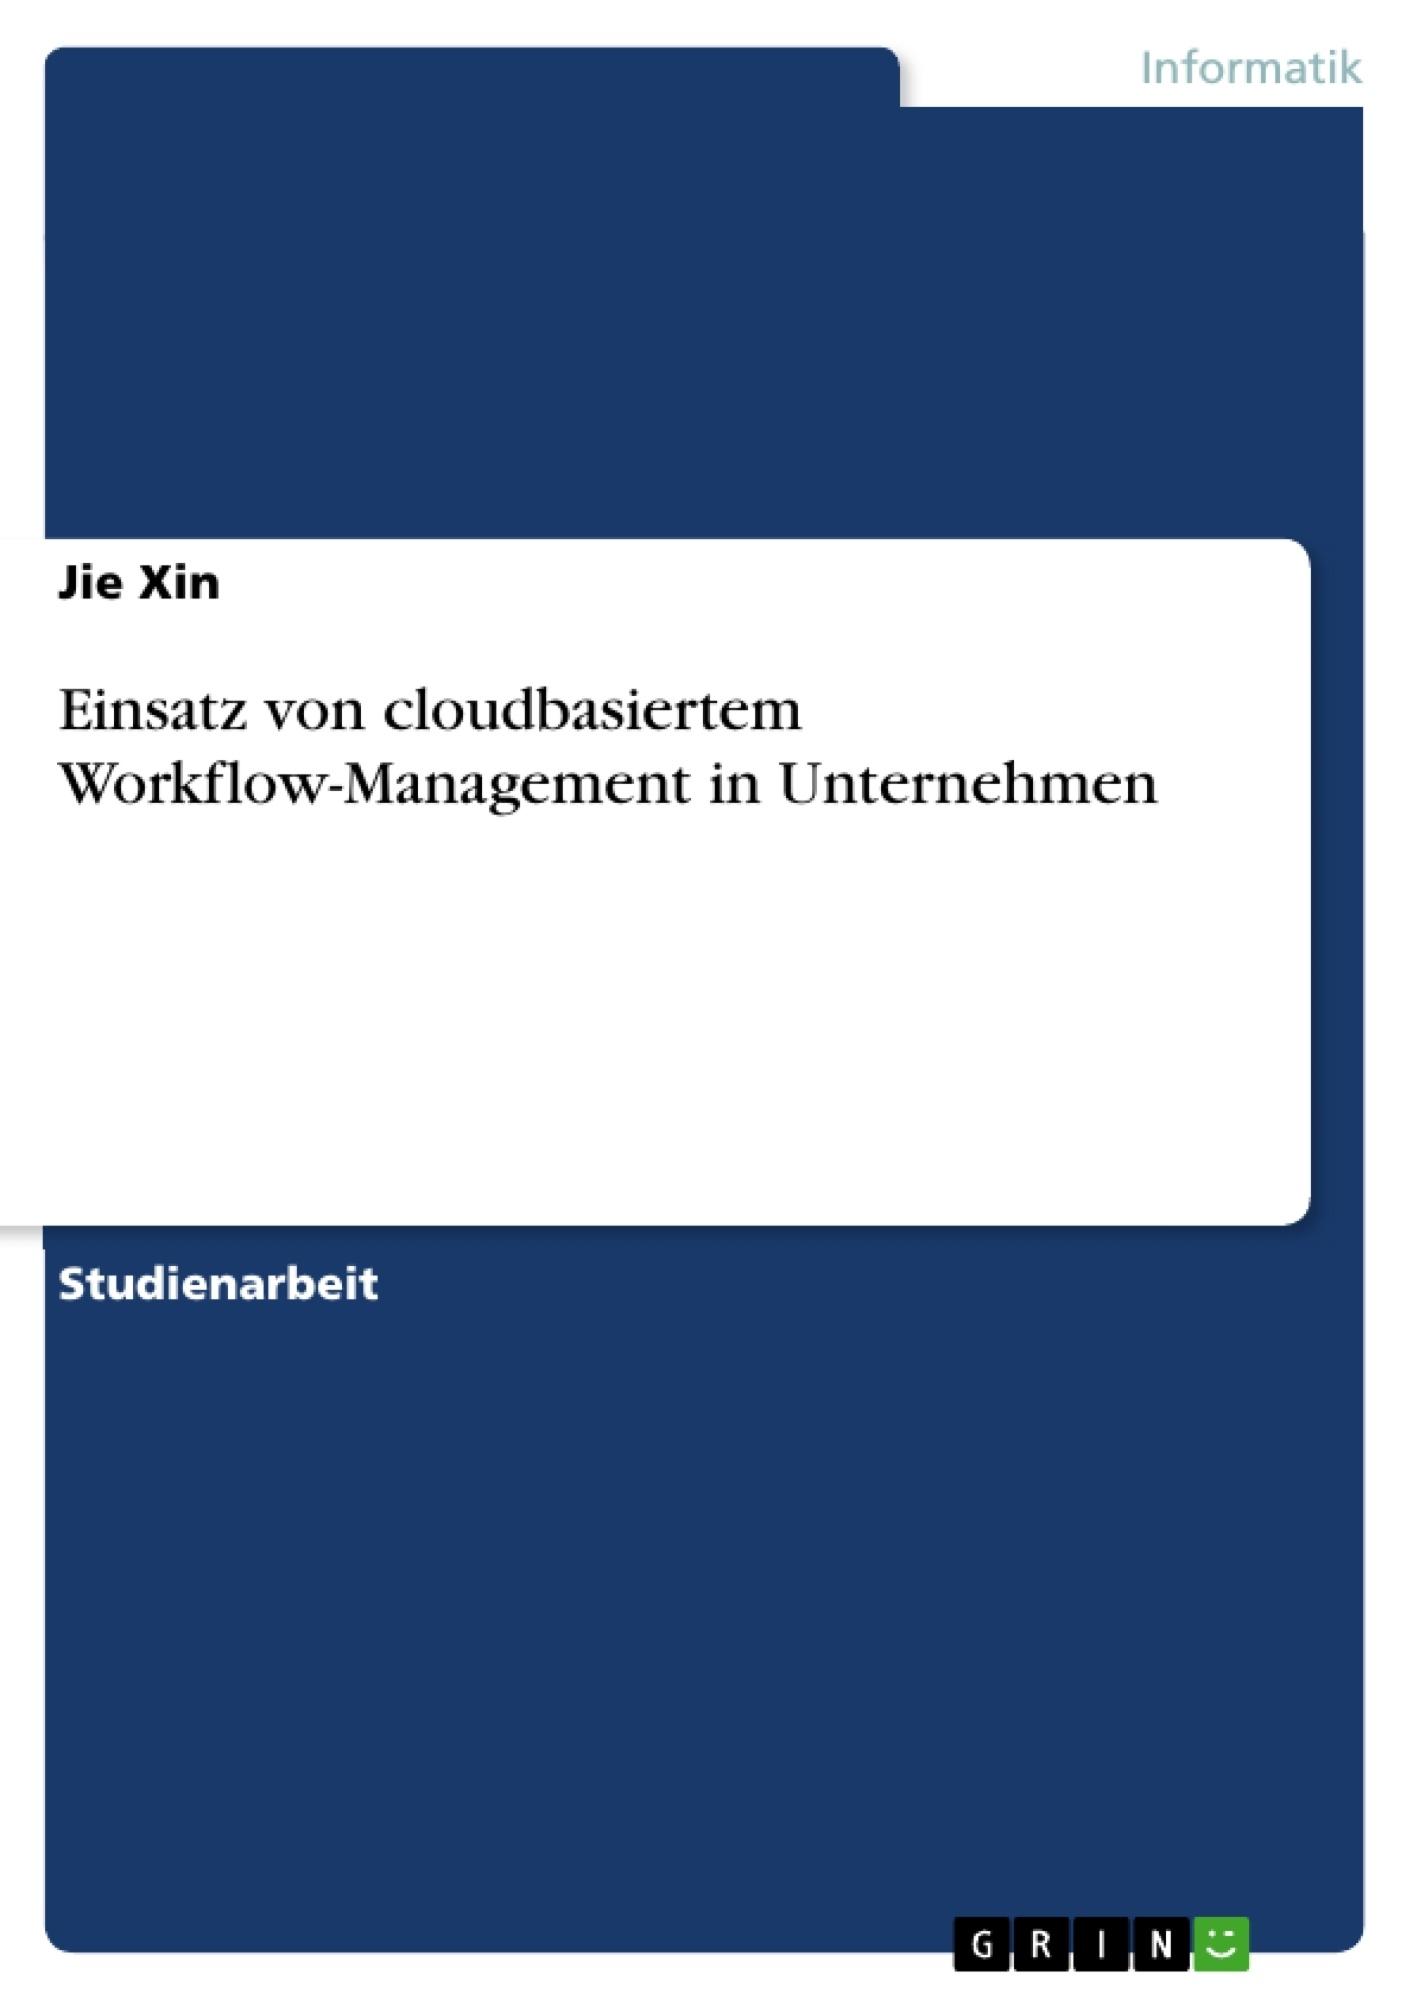 Titel: Einsatz von cloudbasiertem Workflow-Management in Unternehmen